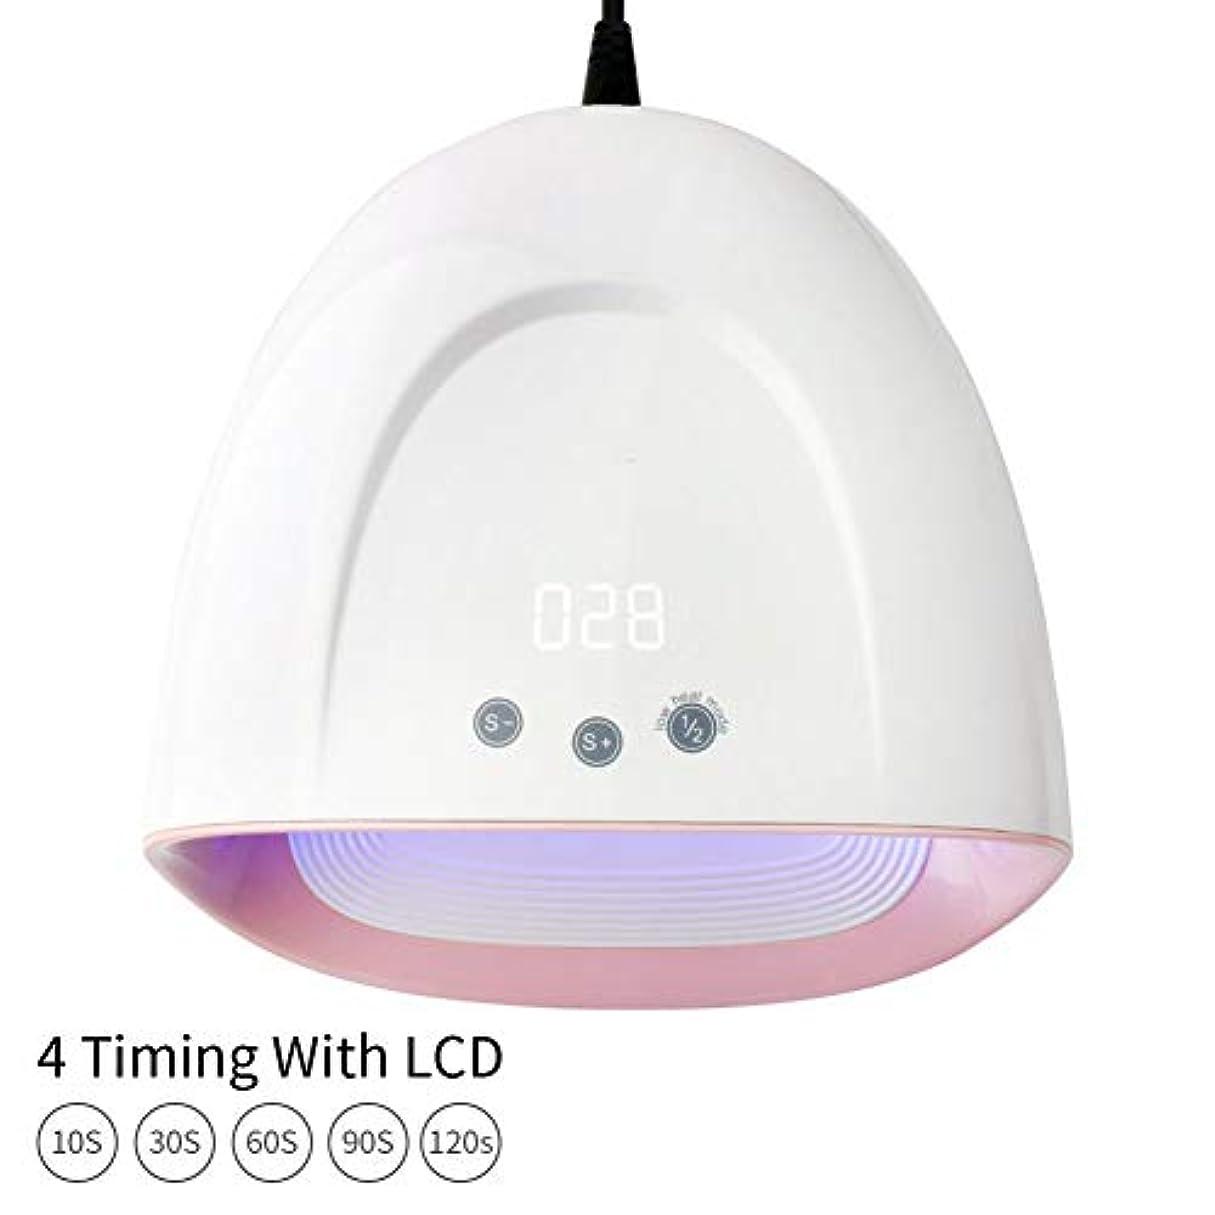 ネーピア古いオフセットネイルドライヤー - LED光線療法ネイルマシン60Wマルチタイムタイミング33ランプビーズ4スピードタイミング接着剤隠しデジタルスクリーン